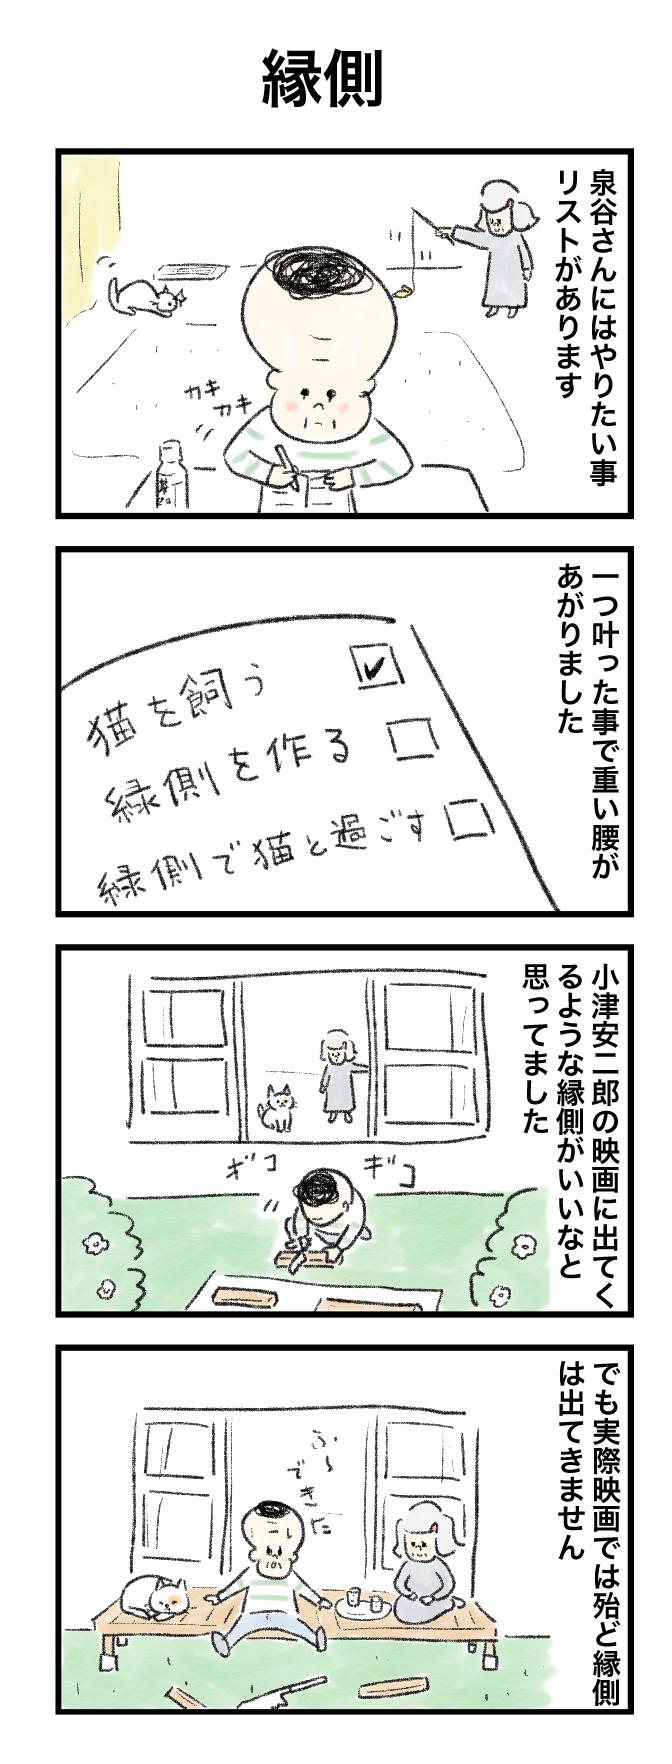 今日の泉谷さん【11】 作:カワサキヒロシ(ごとお日漫画)